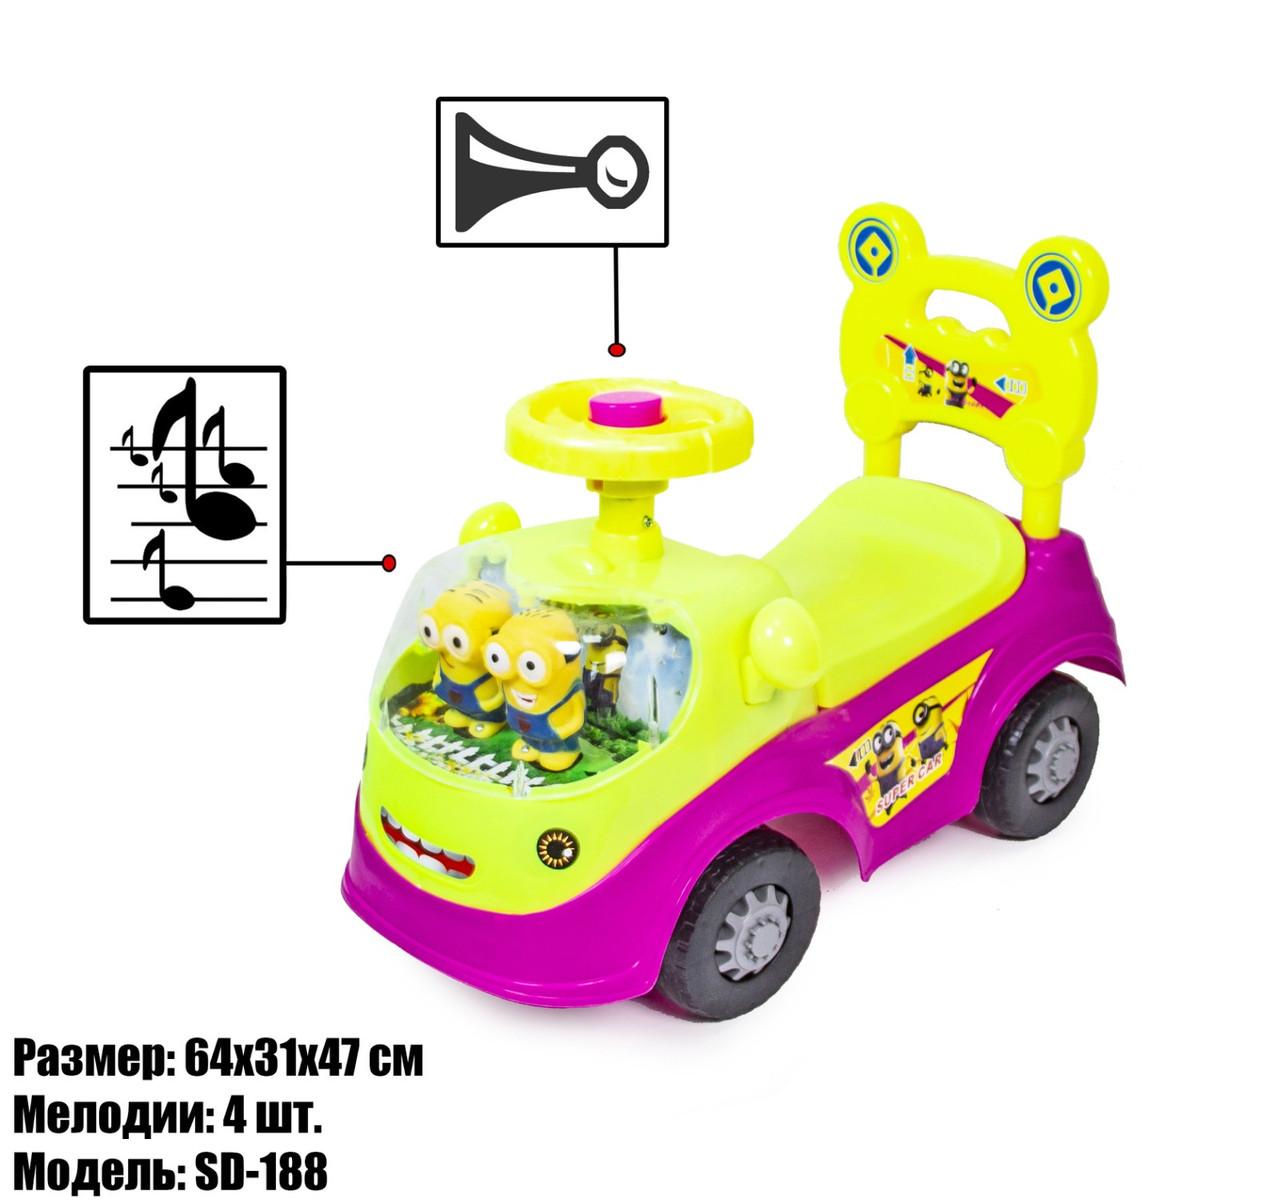 Машинка толокар музыкальная детская каталка для прогулок 4 мелодии Миньон 188 Розовый